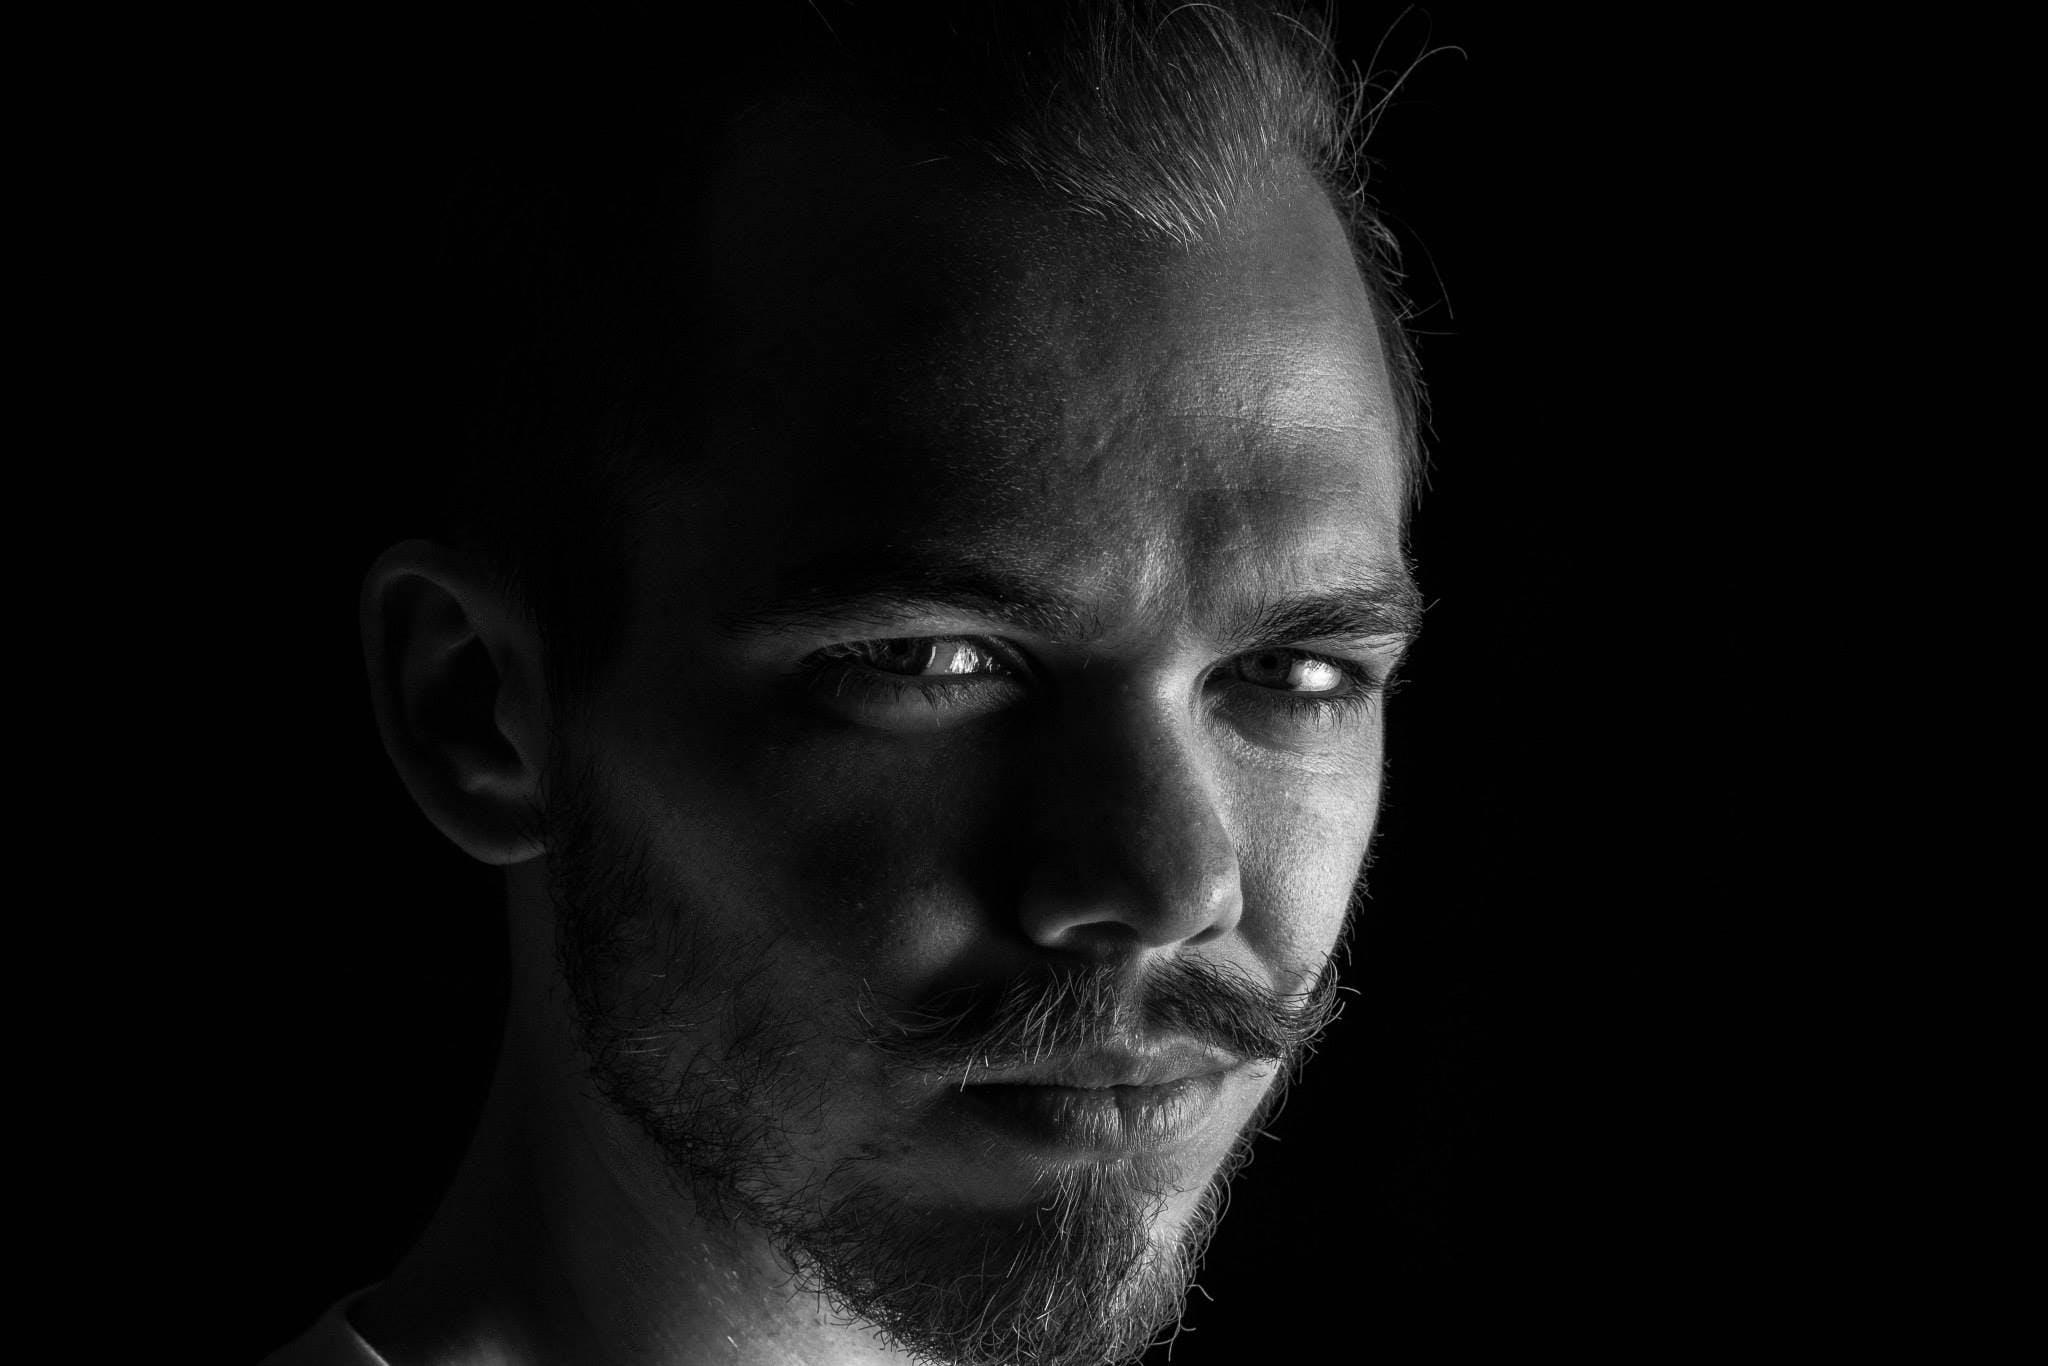 남성, 남자, 모델, 블랙 앤 화이트의 무료 스톡 사진